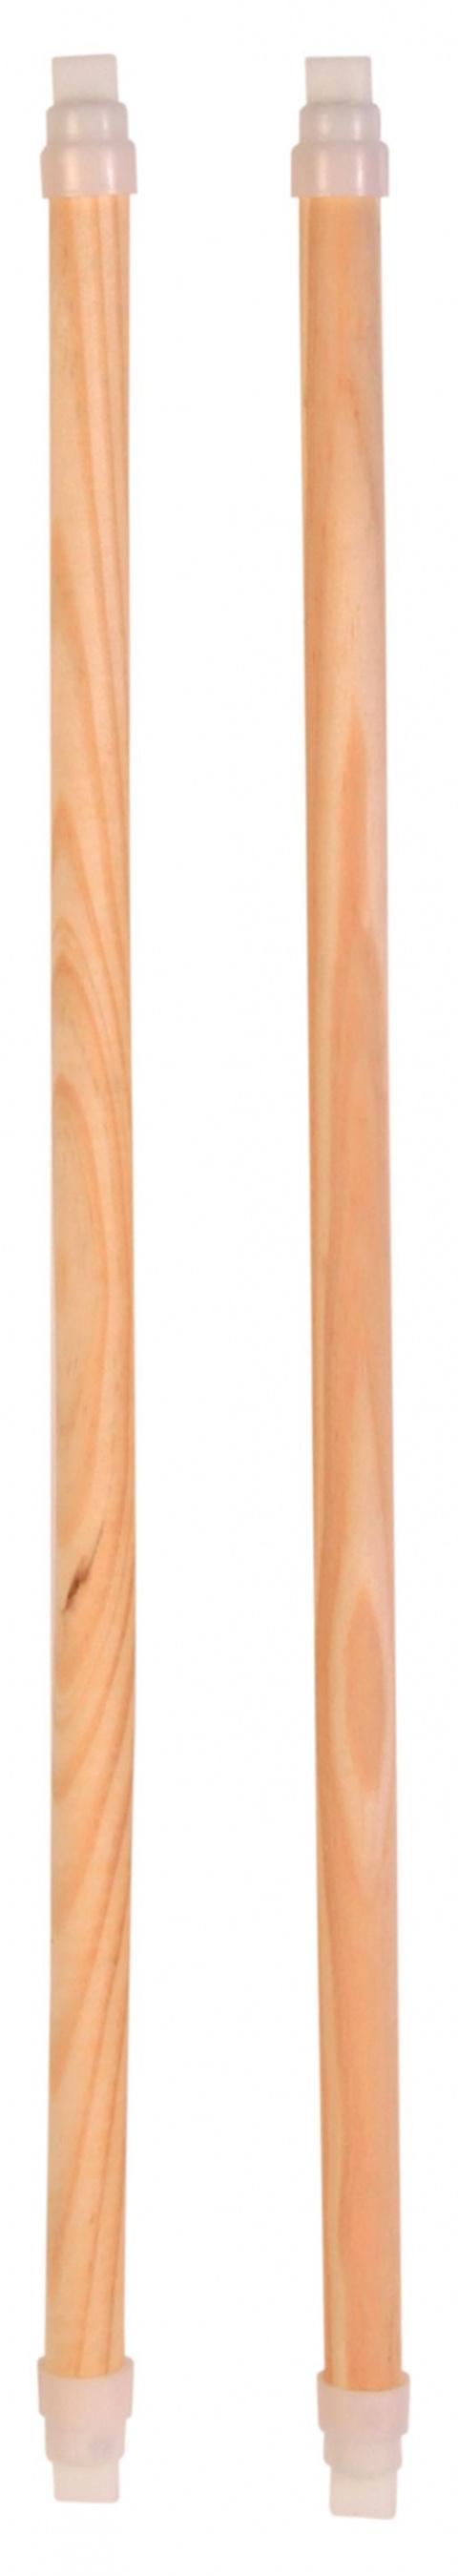 Aksesuārs putnu būrim - Trixie laktiņas, 4 gab., 35 cm title=